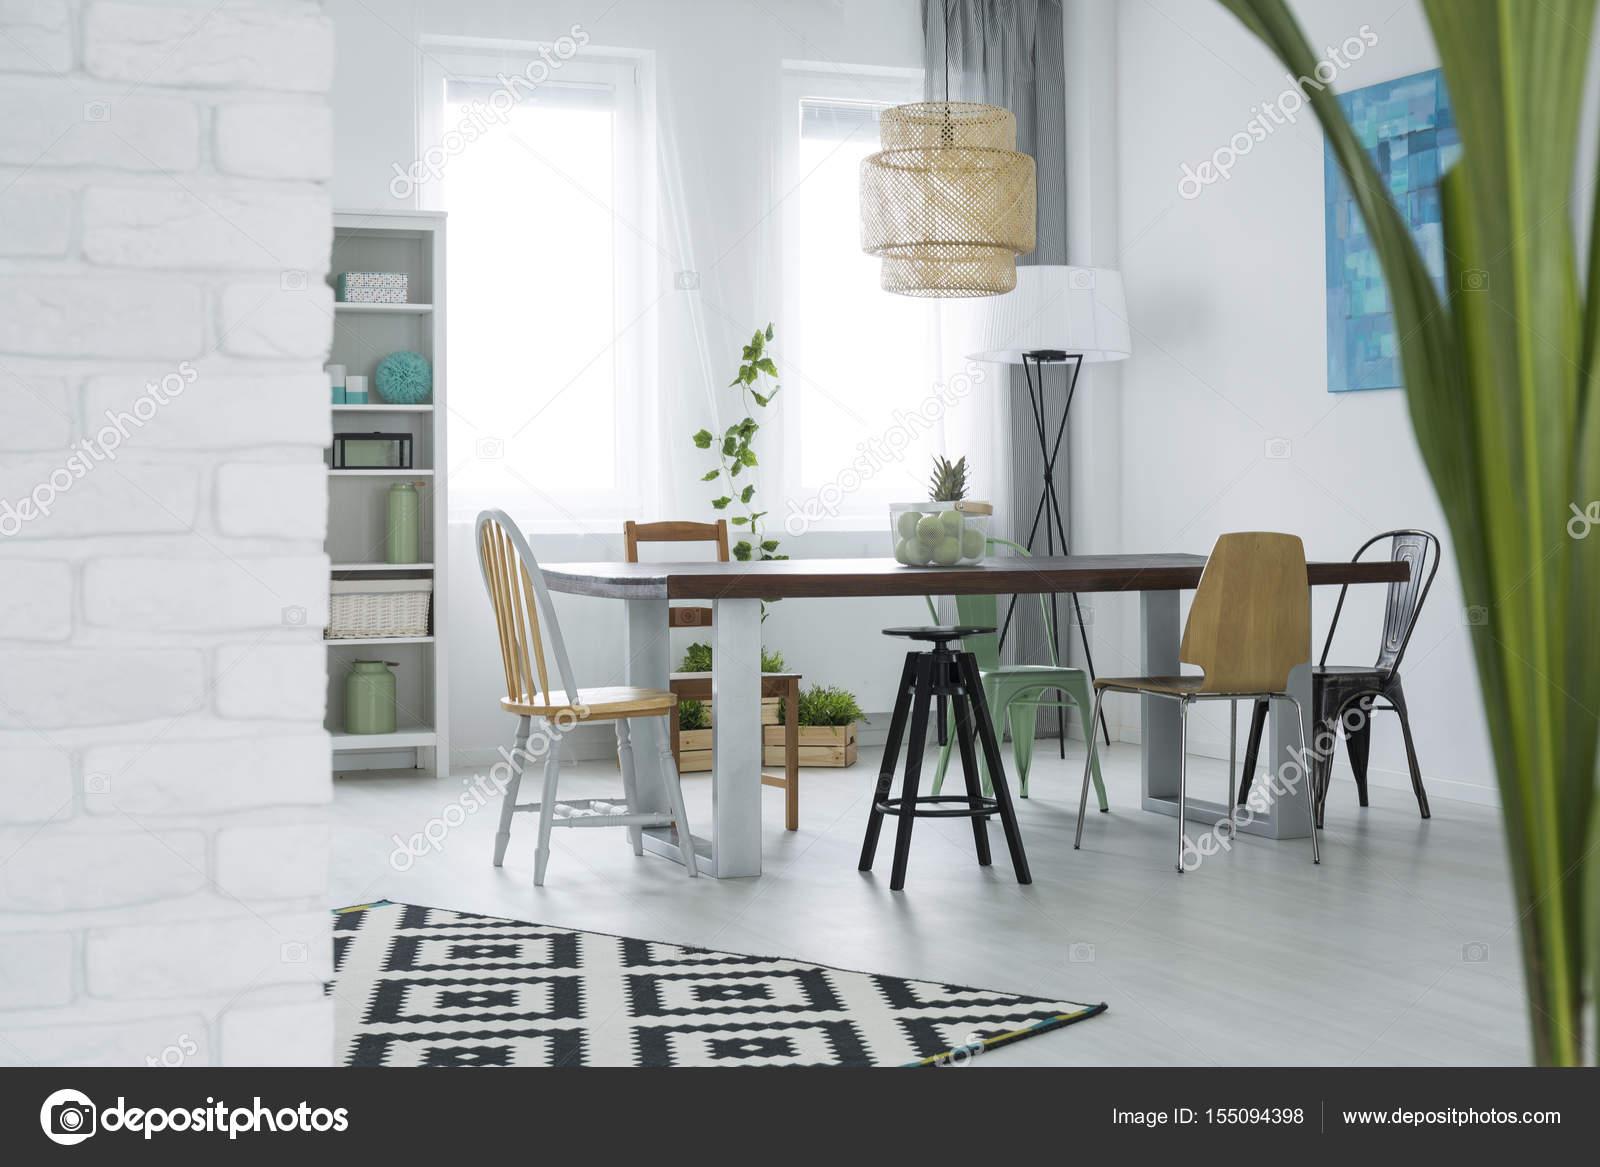 Eetkamer met decoratieve planten u stockfoto photographee eu